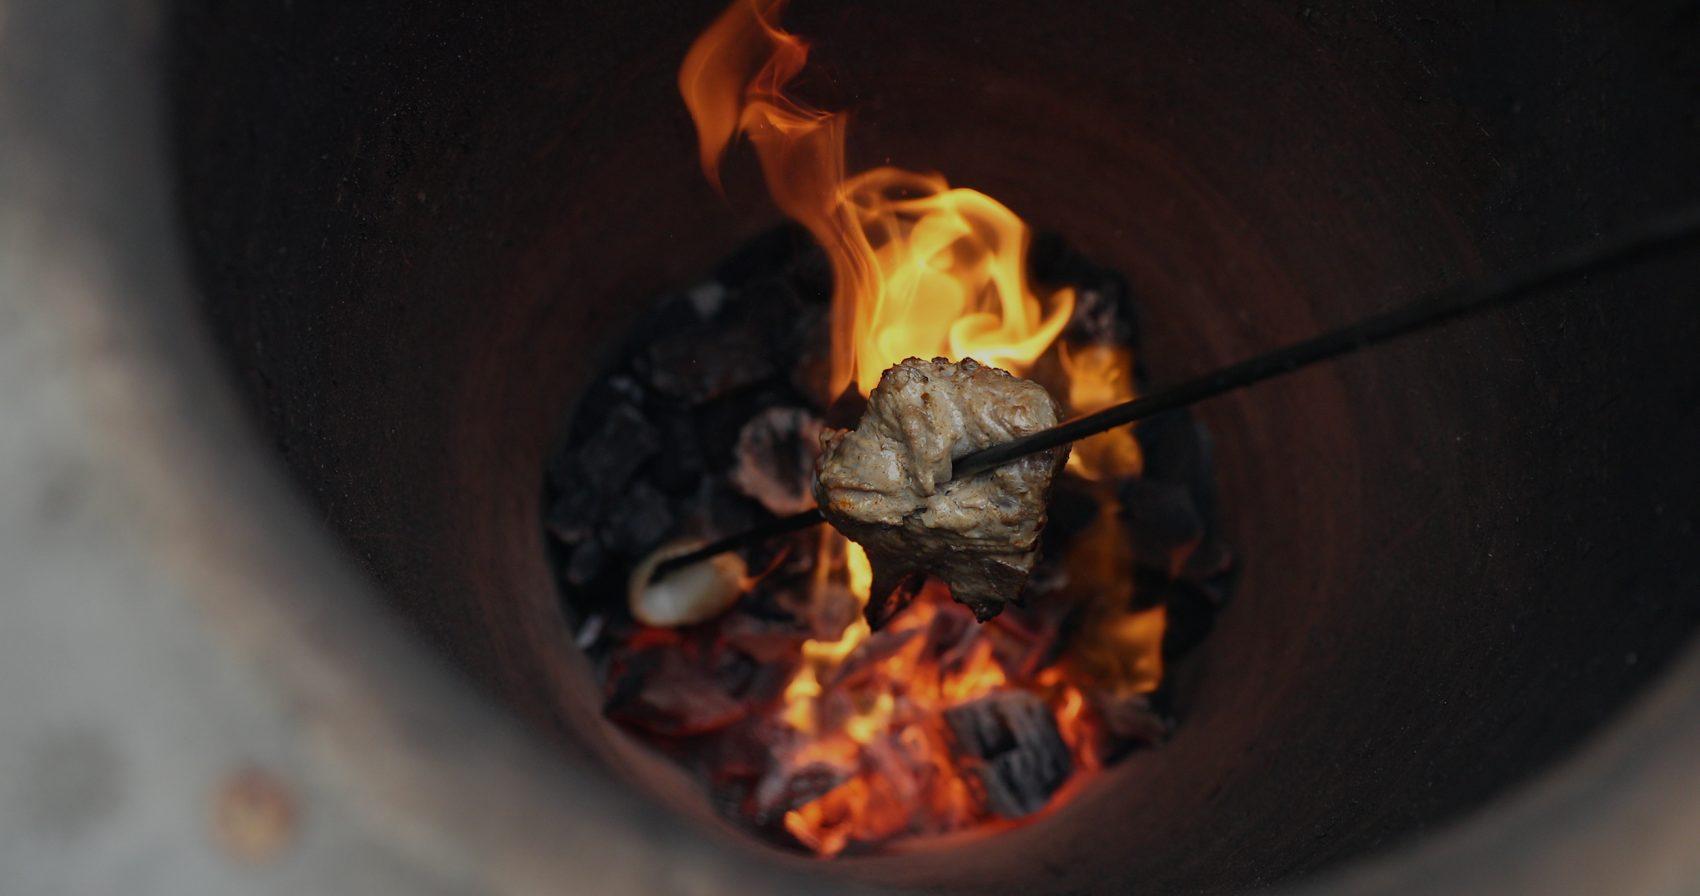 Lamb chops cooked in GULATI Home Tandoor